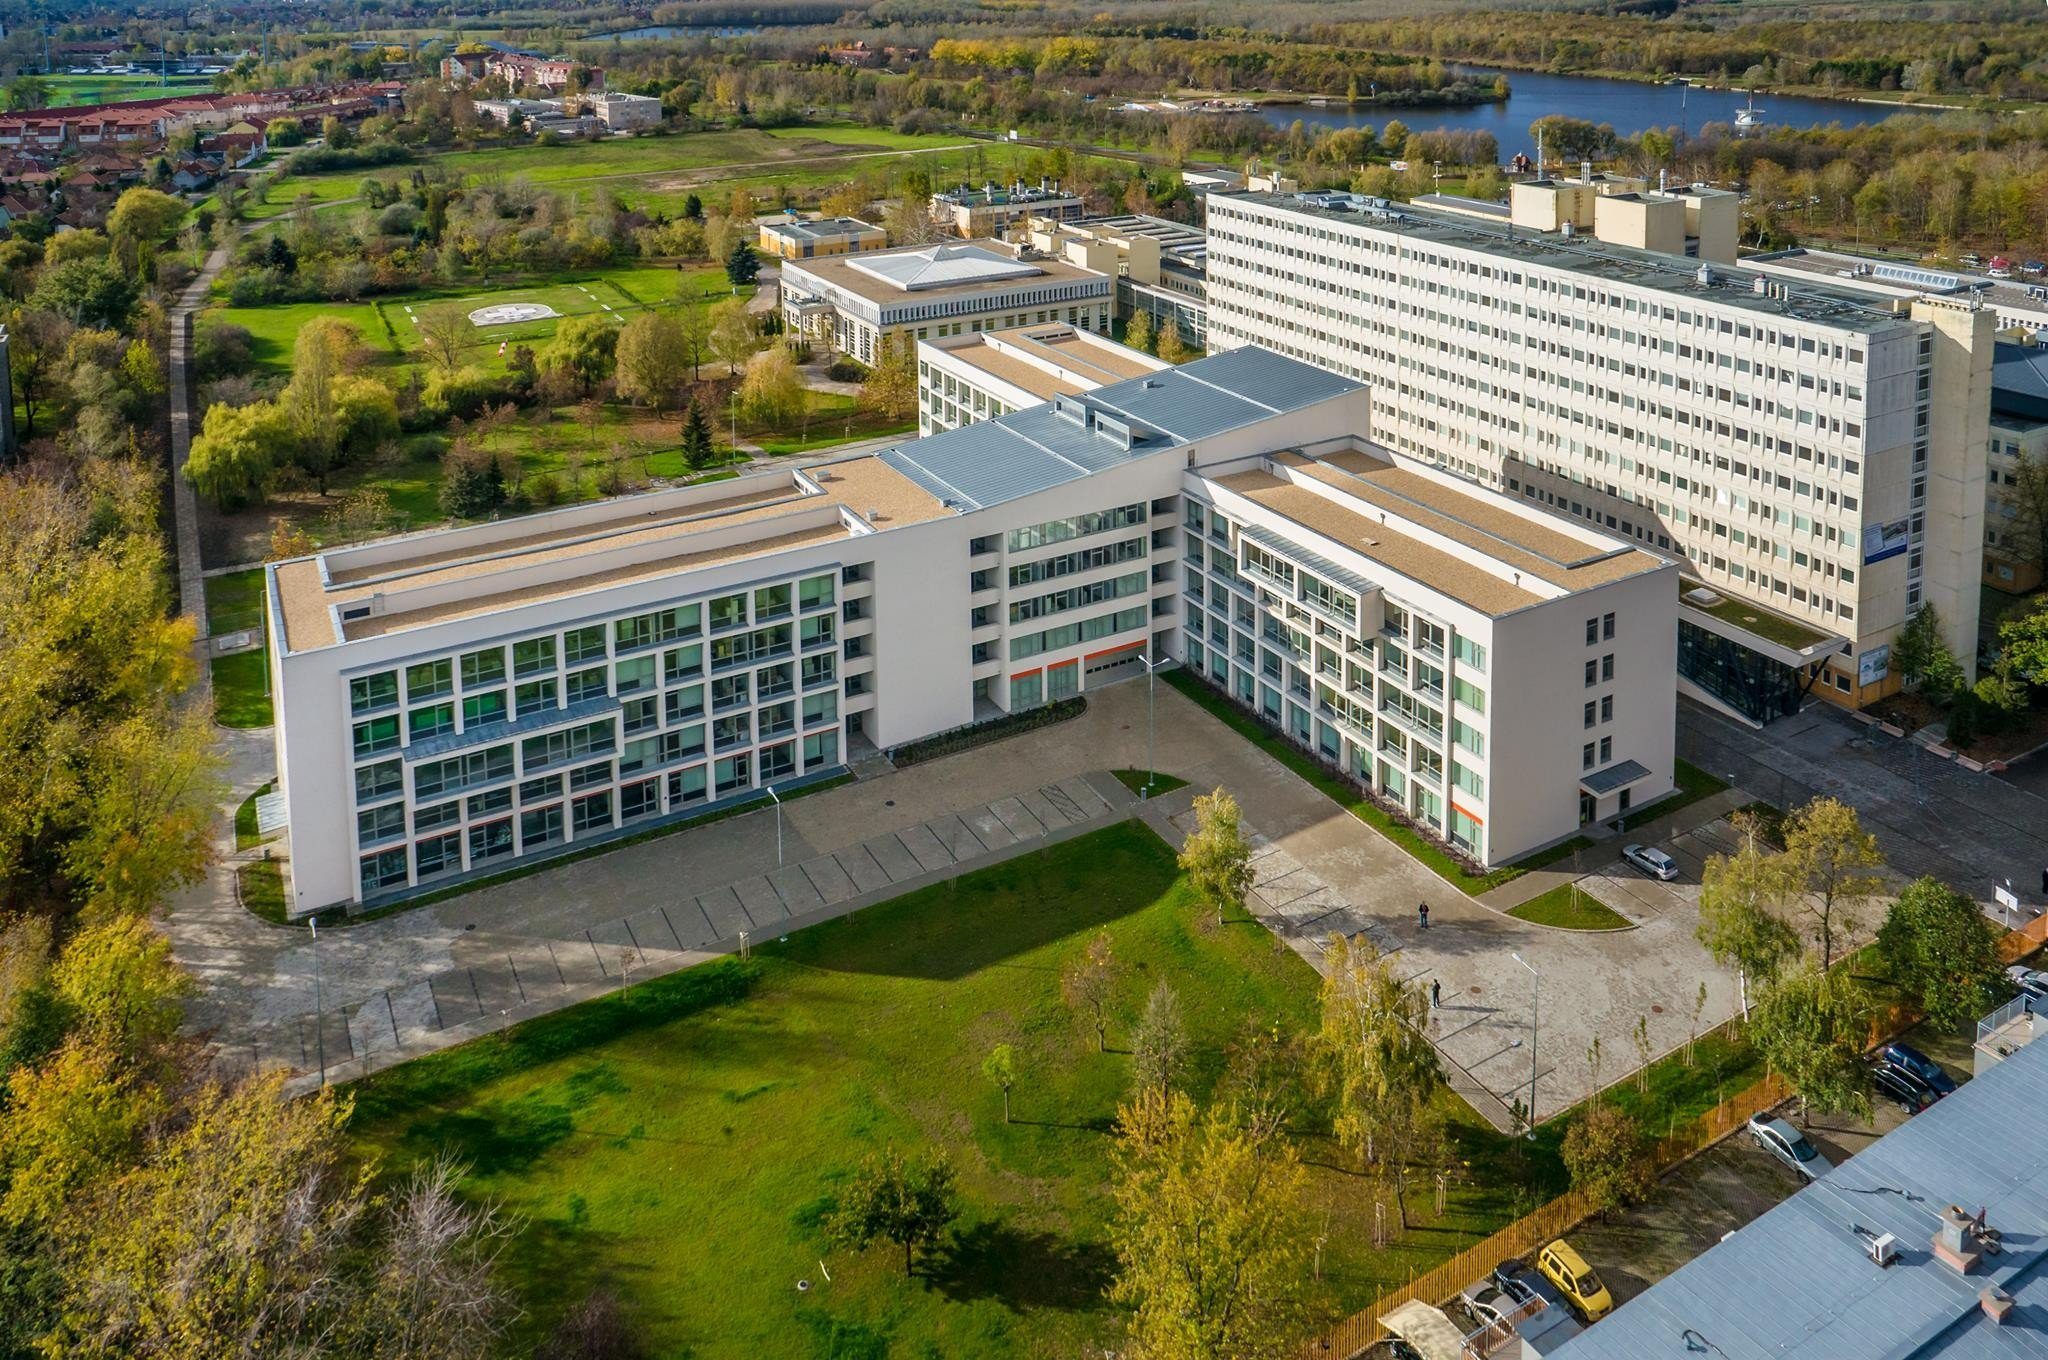 A Bács-Kiskun Megyei Kórház kapta az első Családbarát kórház díjat